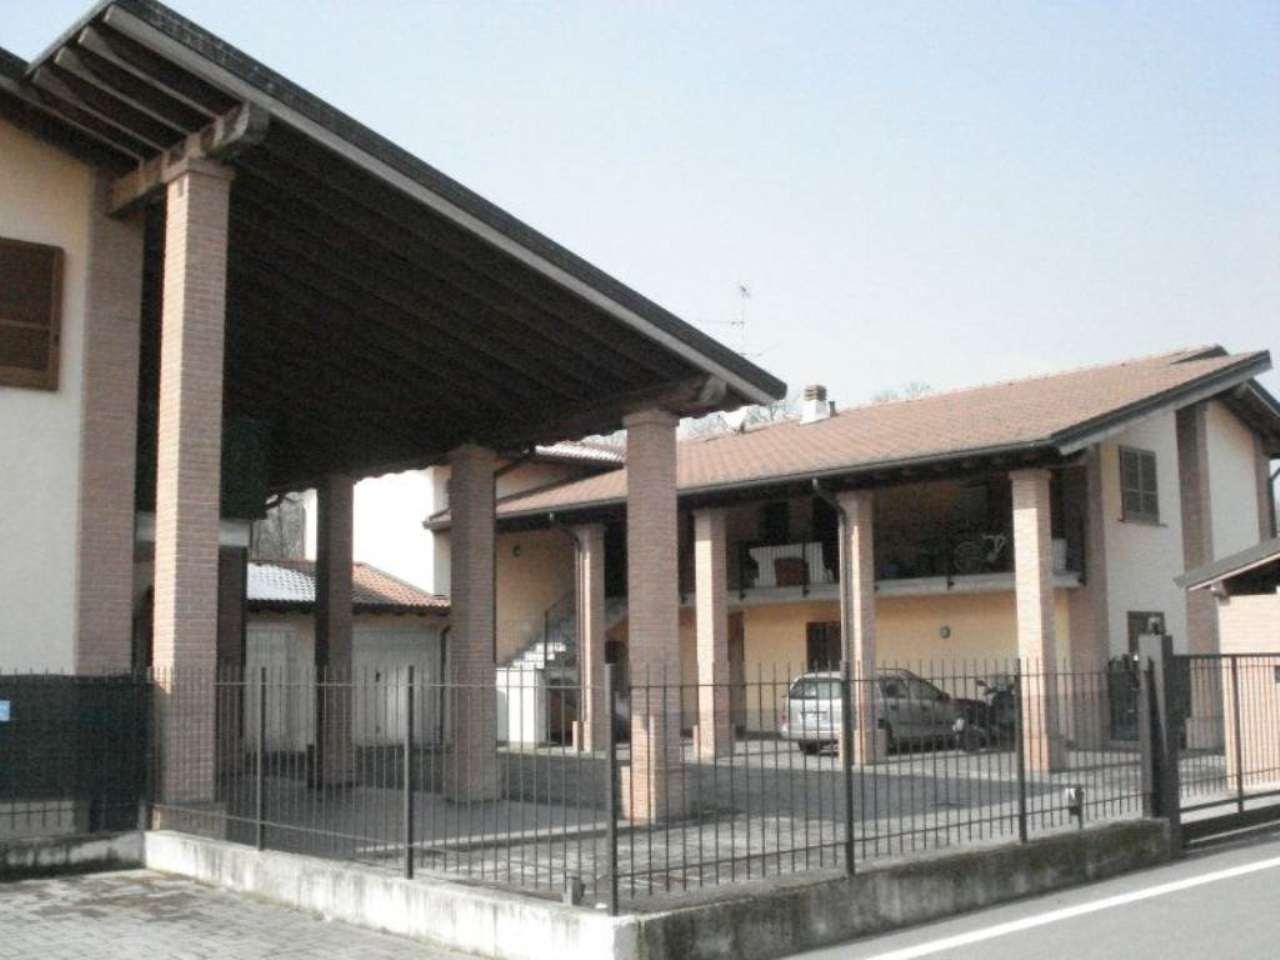 Palazzo Pignano Vendita APPARTAMENTO Immagine 1